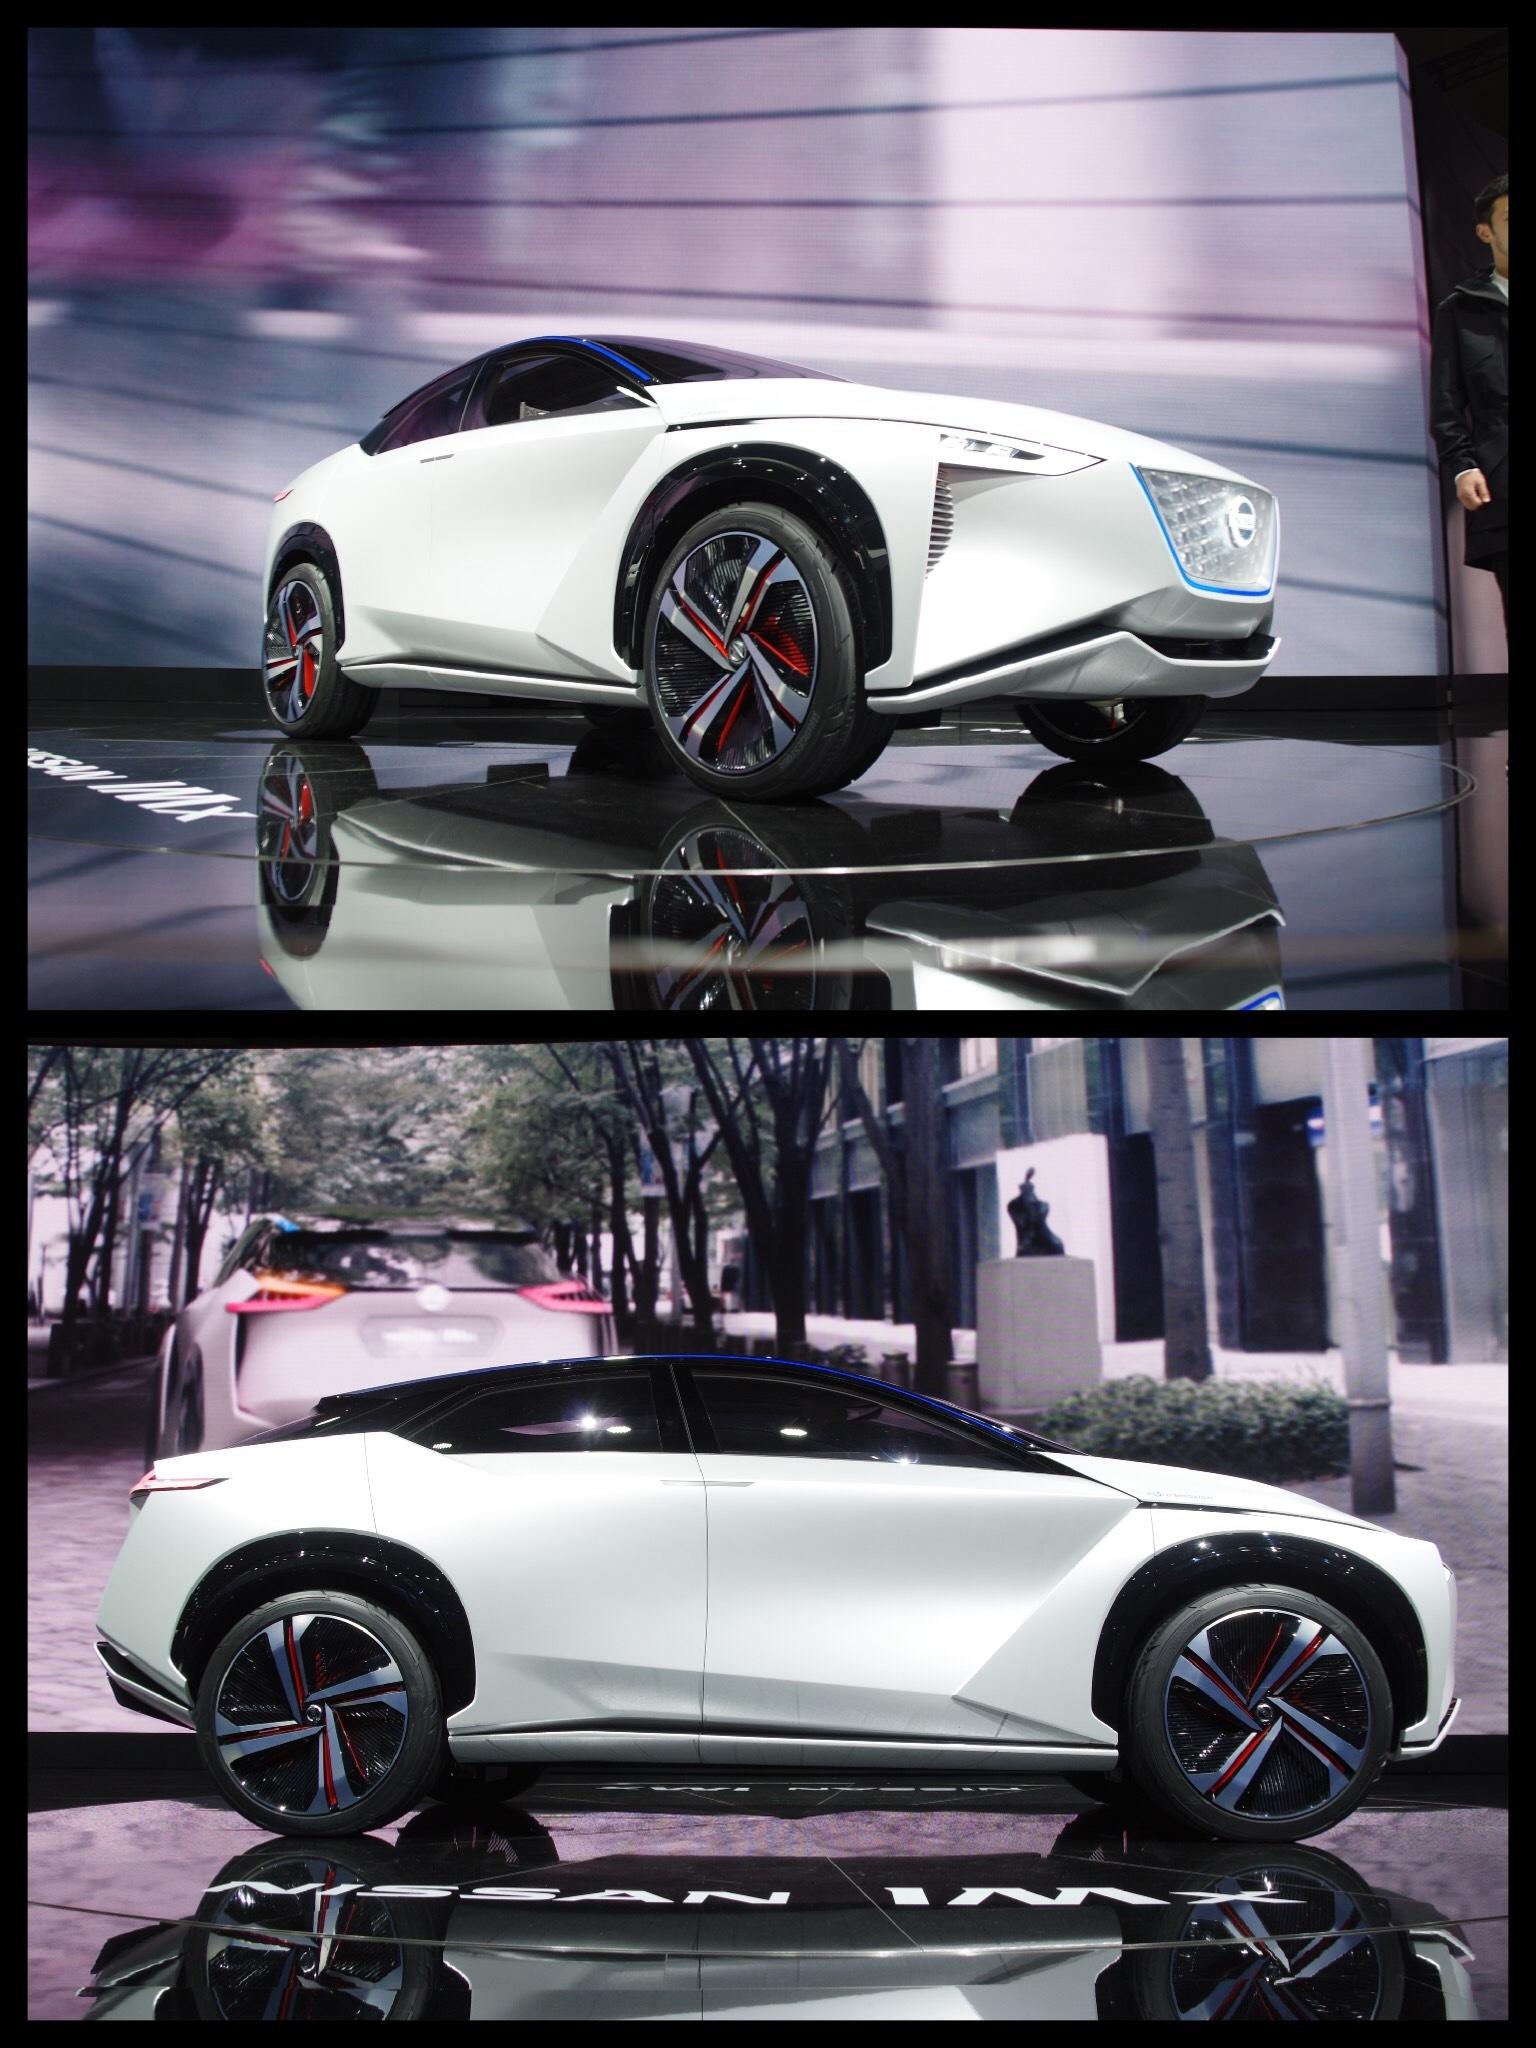 東京モーターショー2017 日産ブース NISSAN IMX CONCEPT